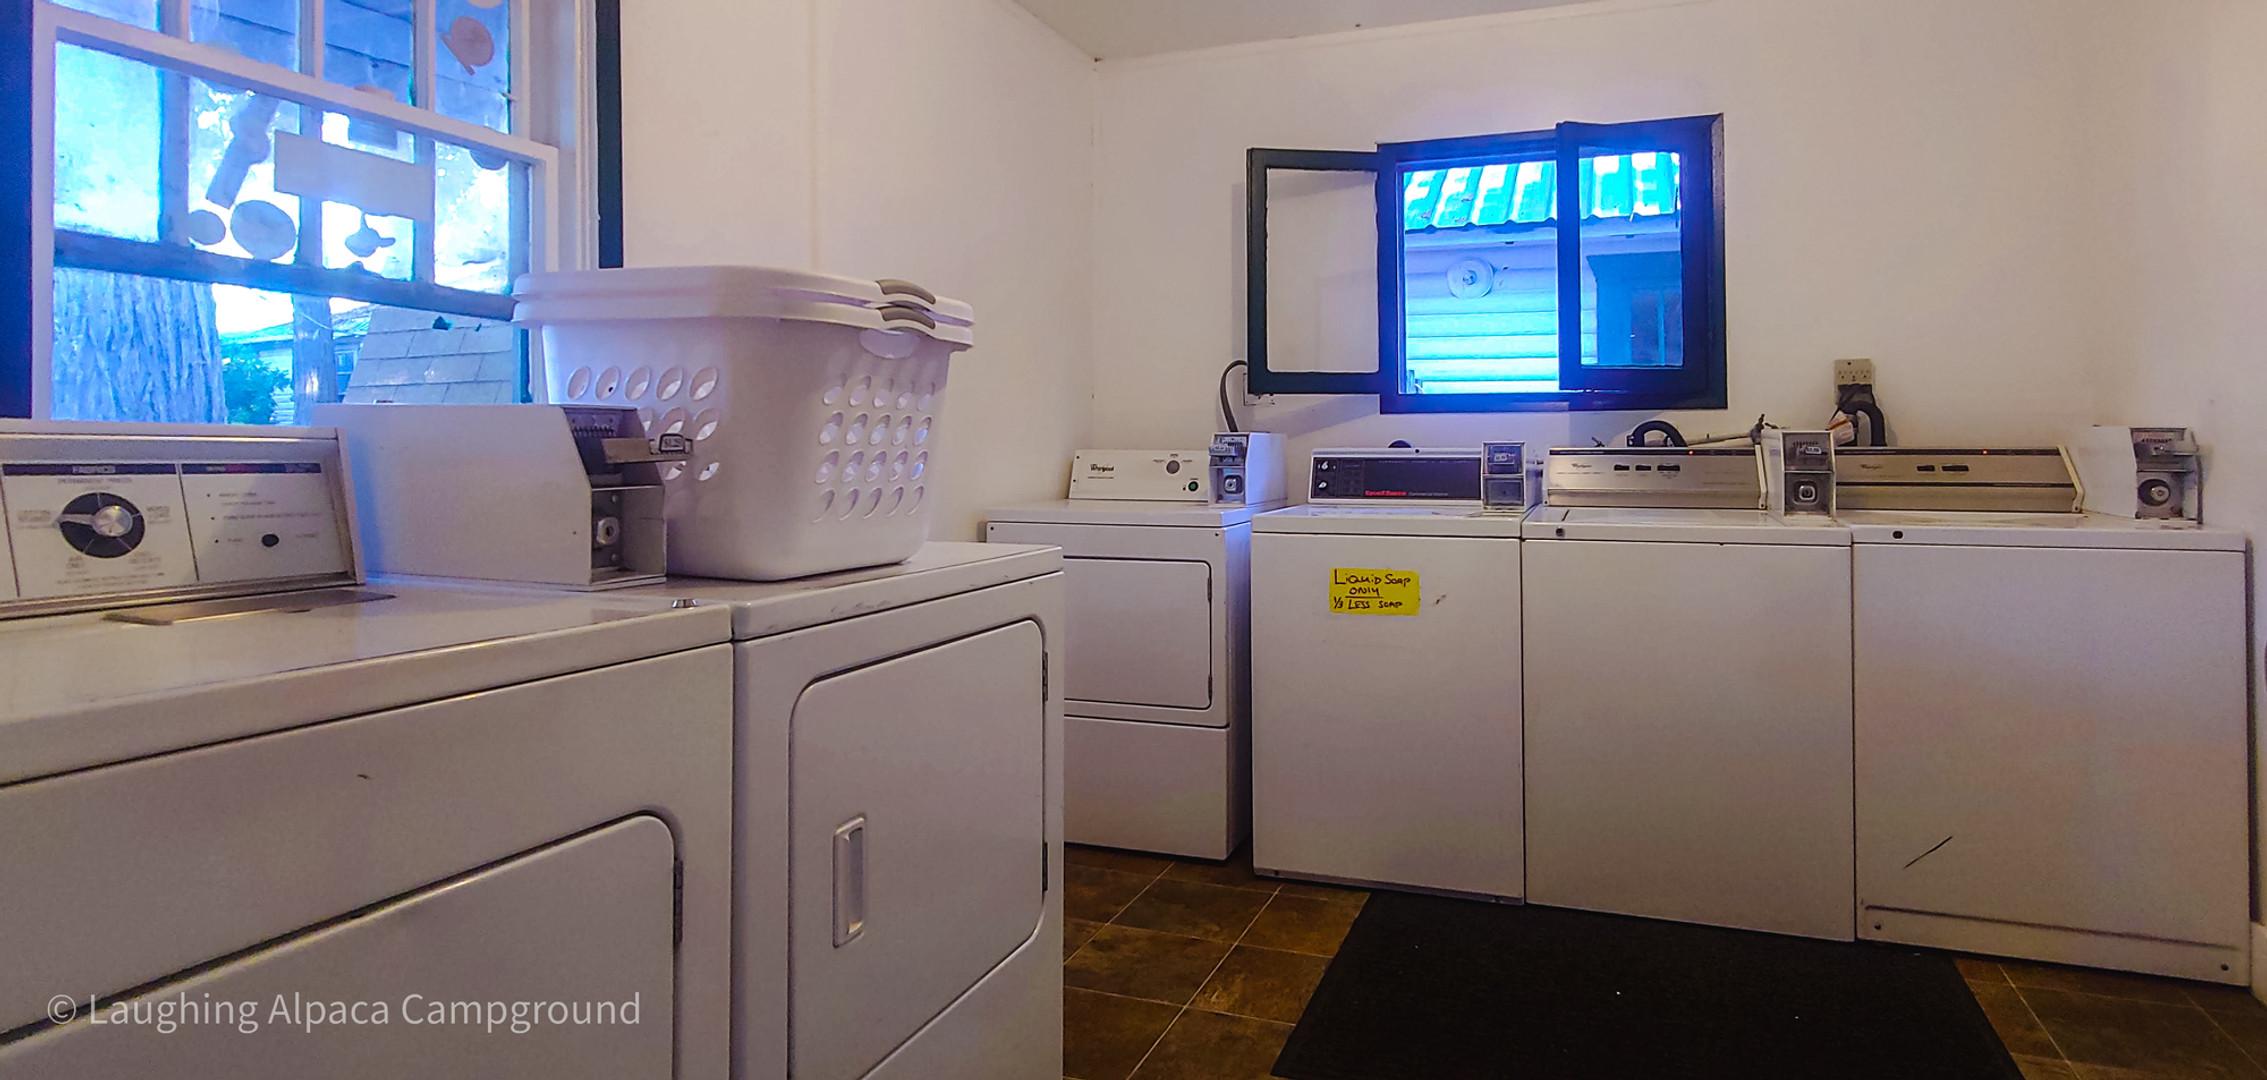 LaundryInside_HDR.jpg